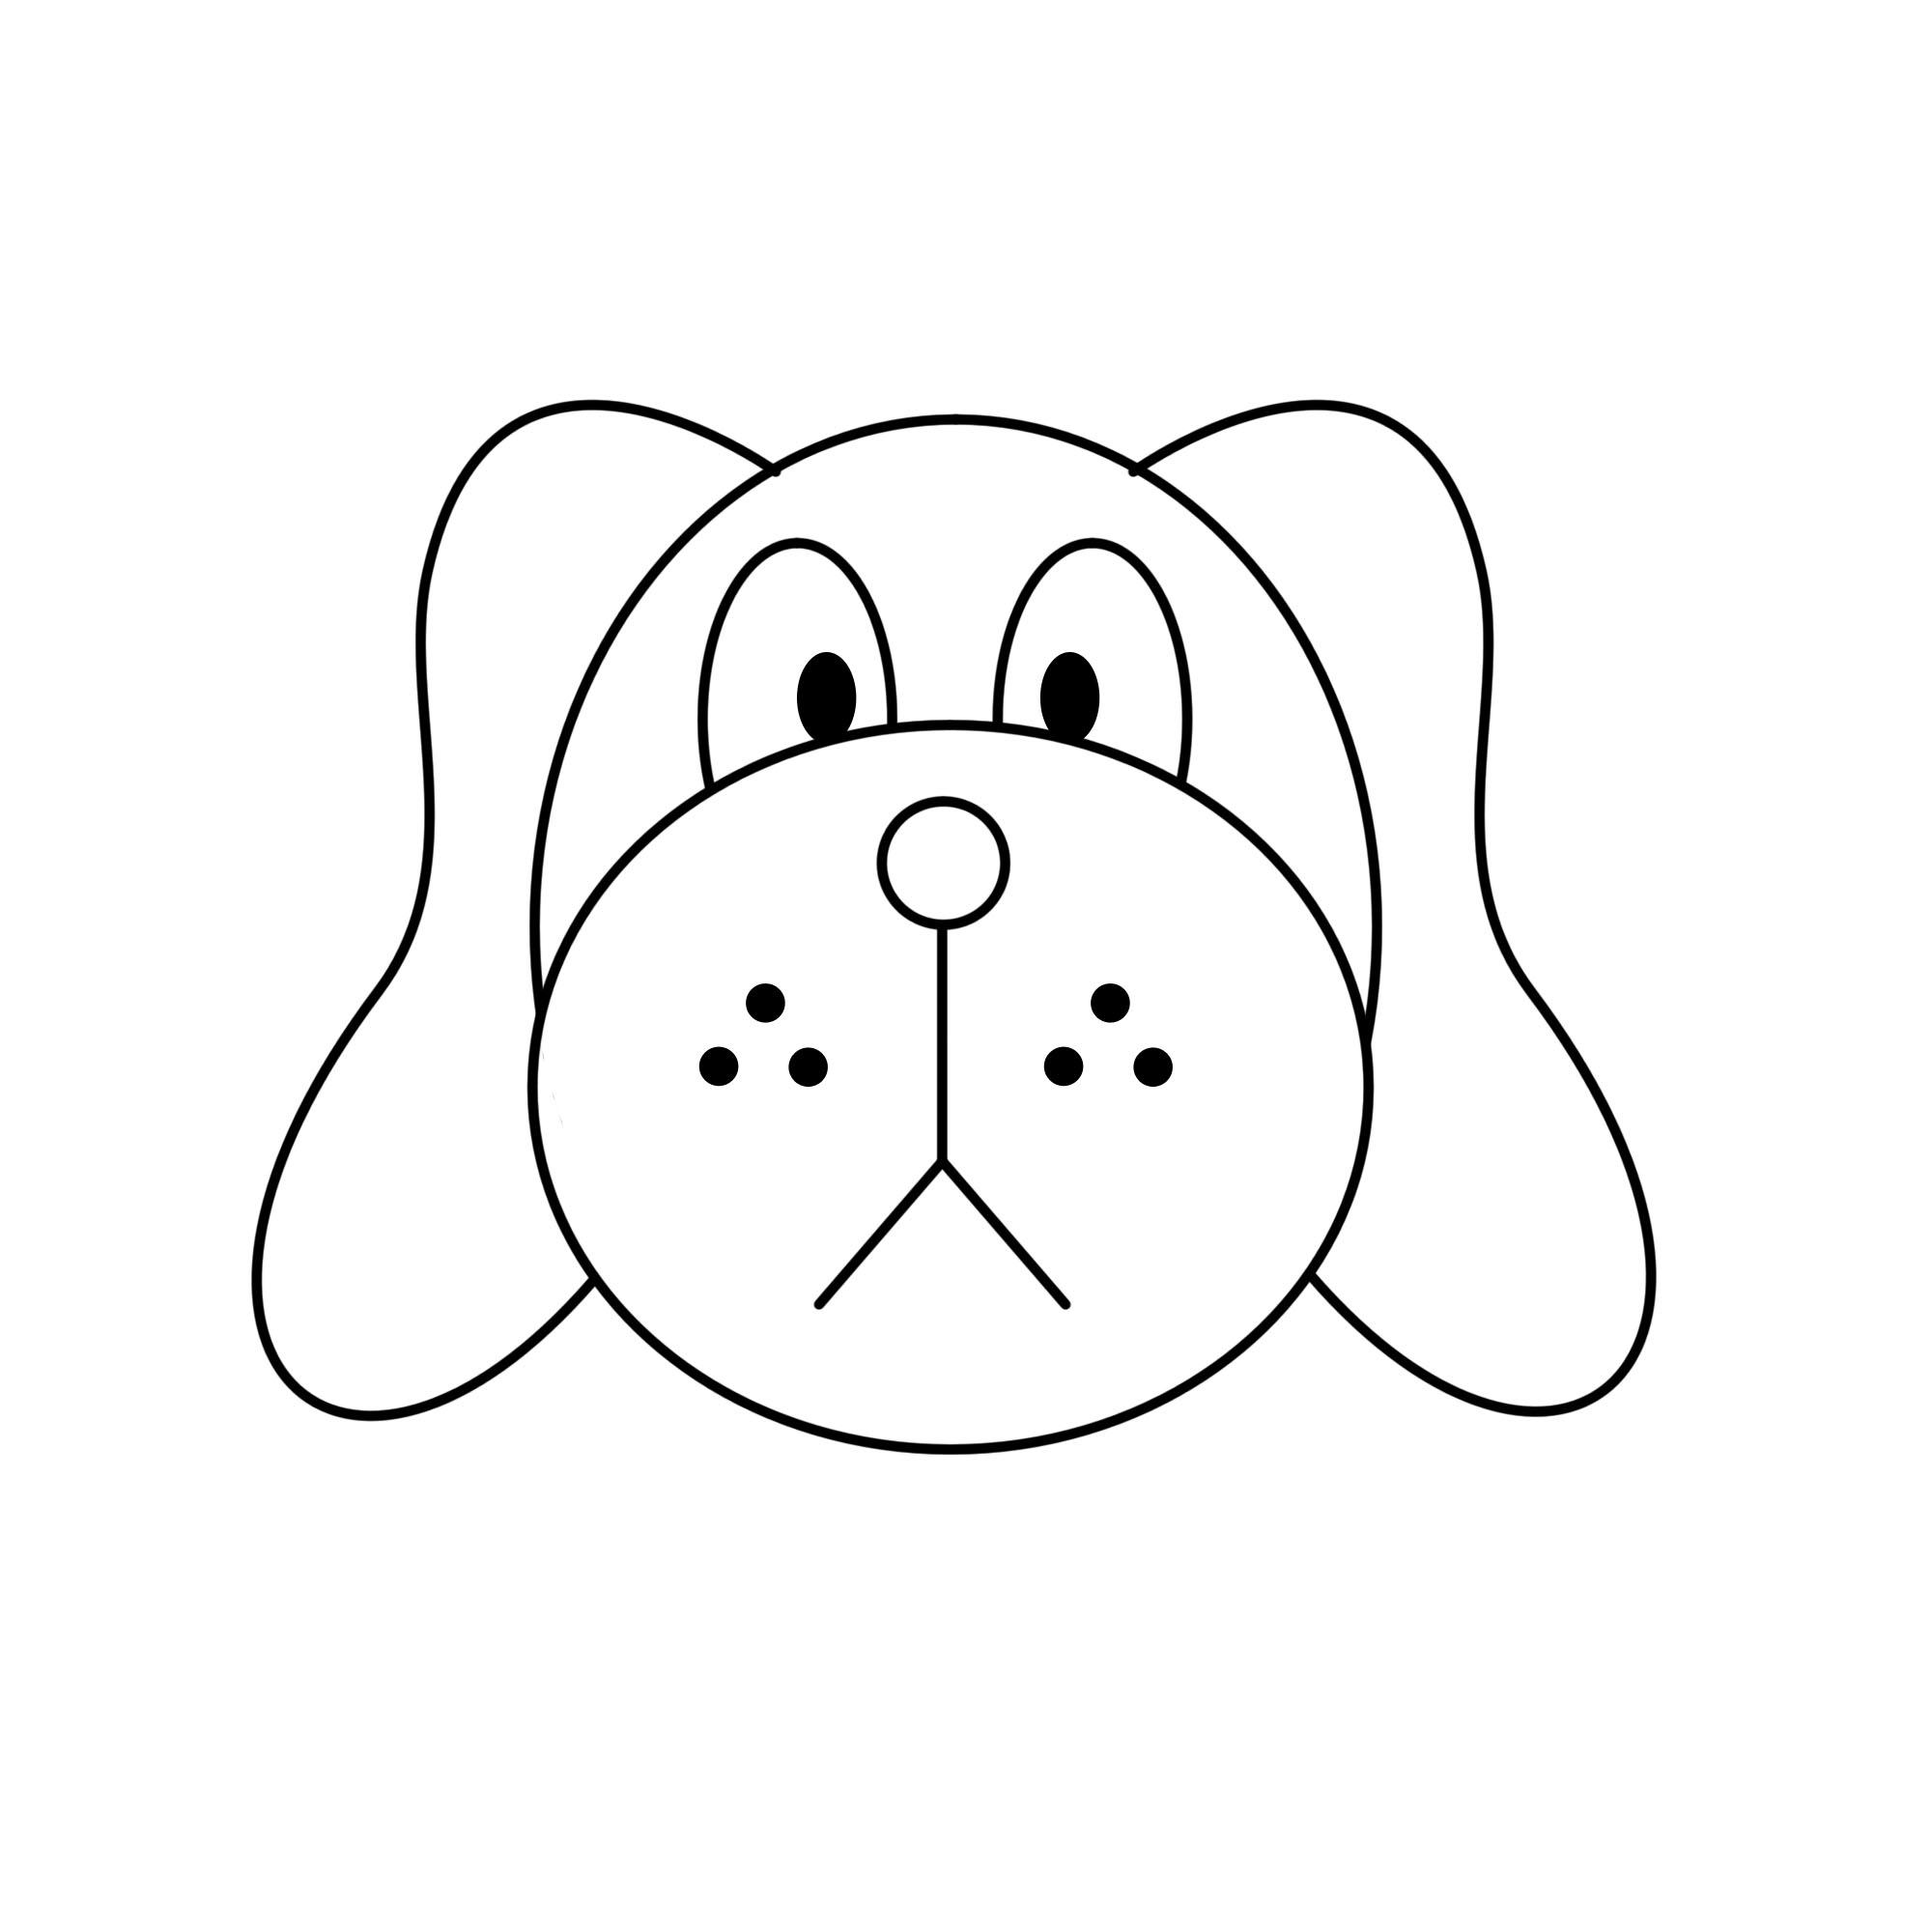 Comment dessiner une tête de chien: 15 étapes